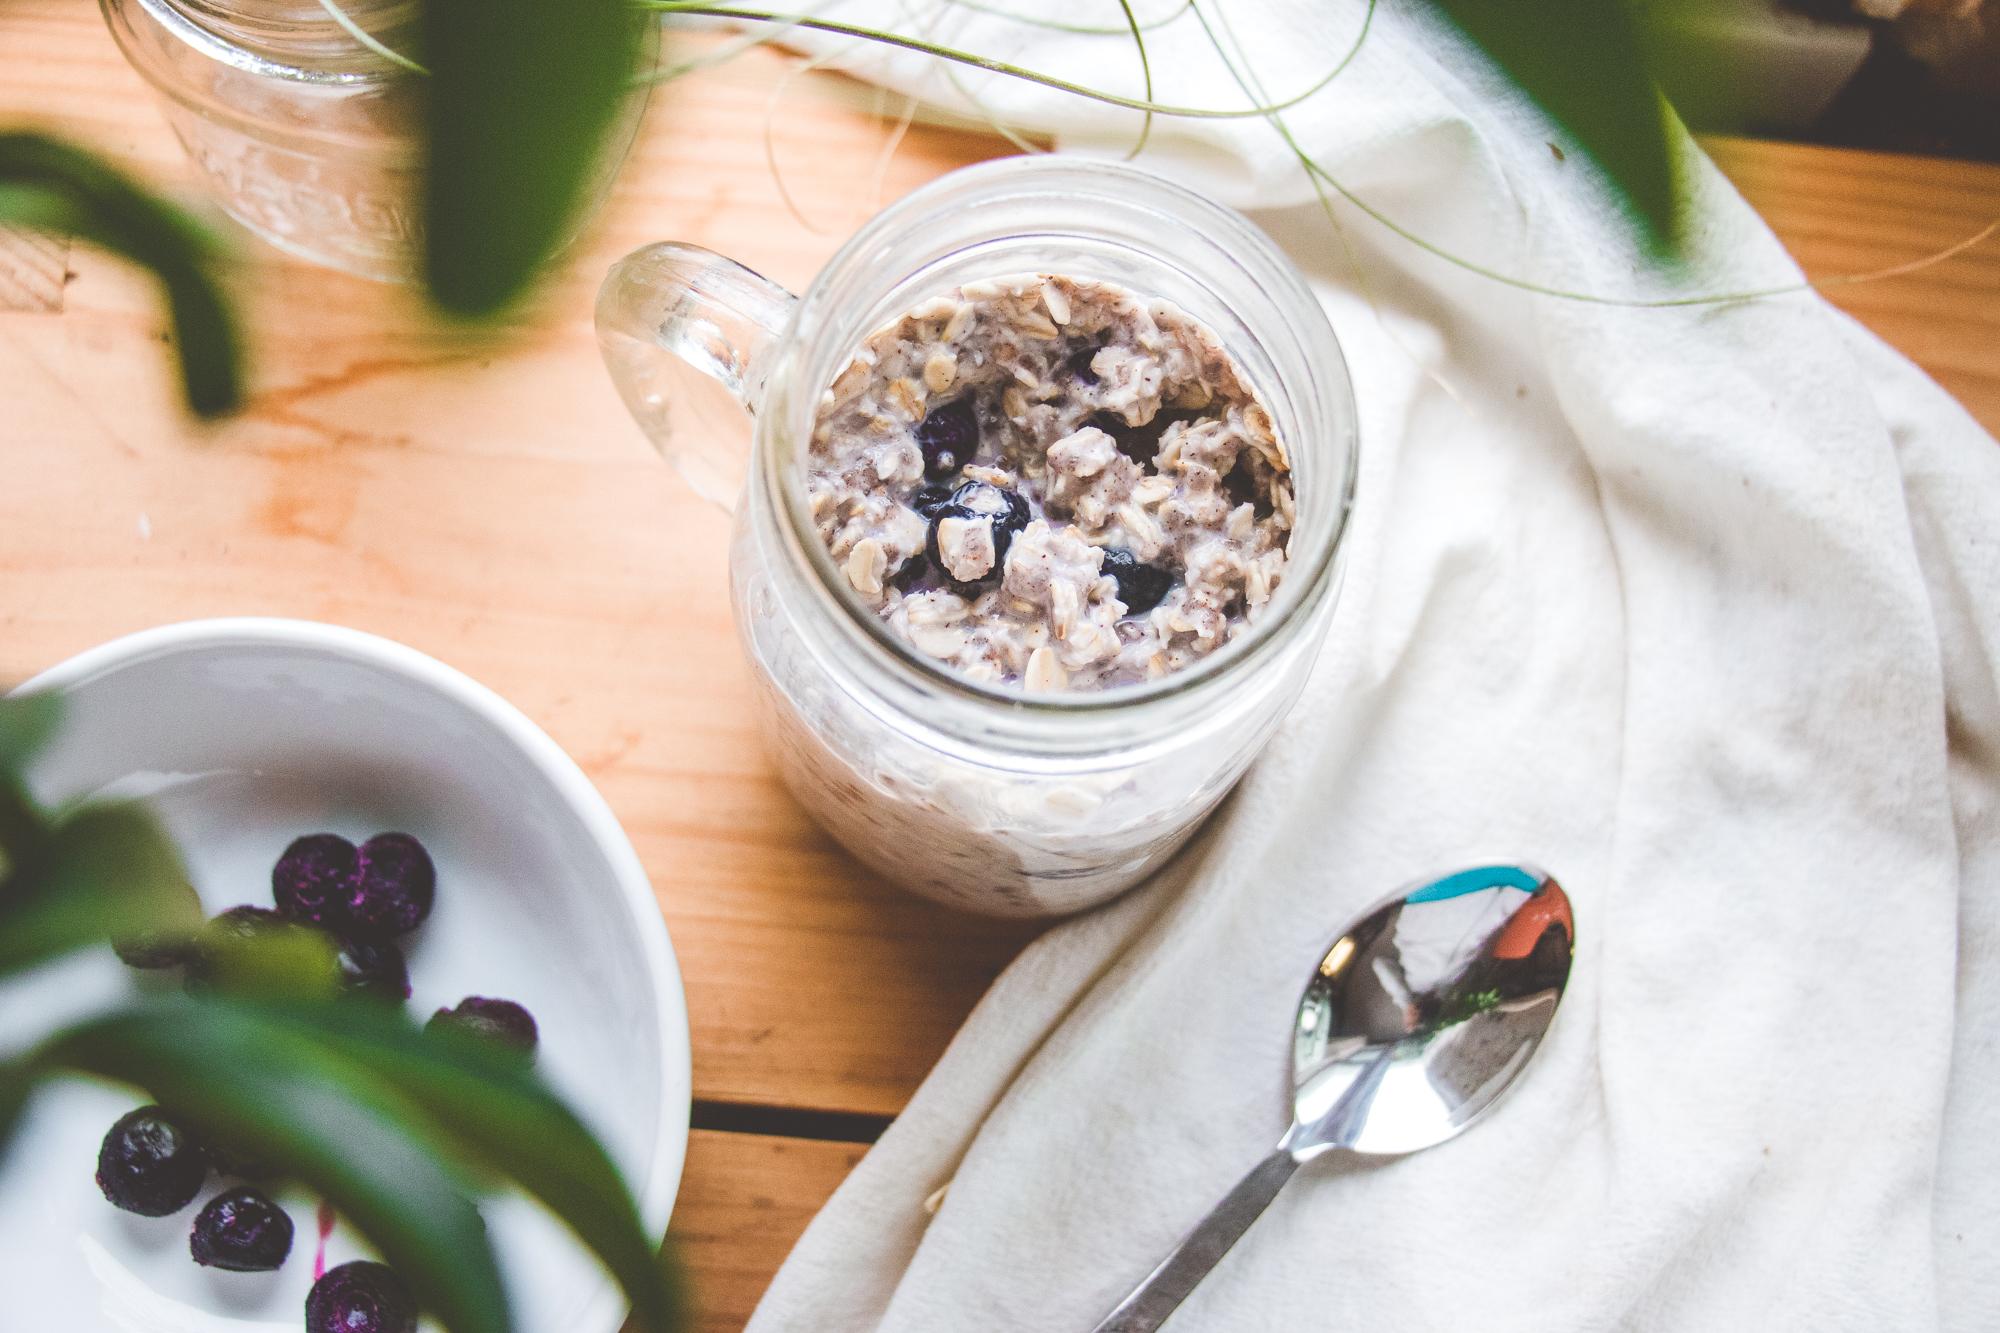 Blueberry Almond Butter Overnight Oats